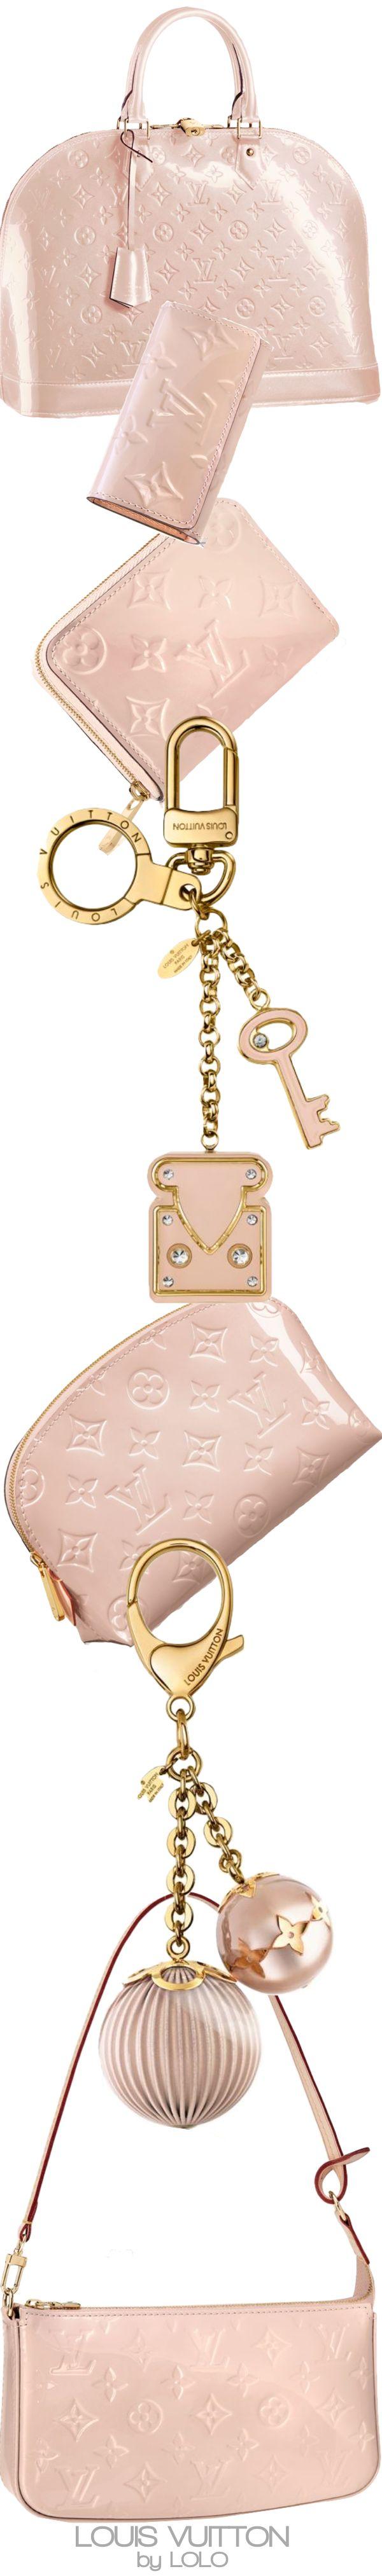 Louis Vuitton 022615